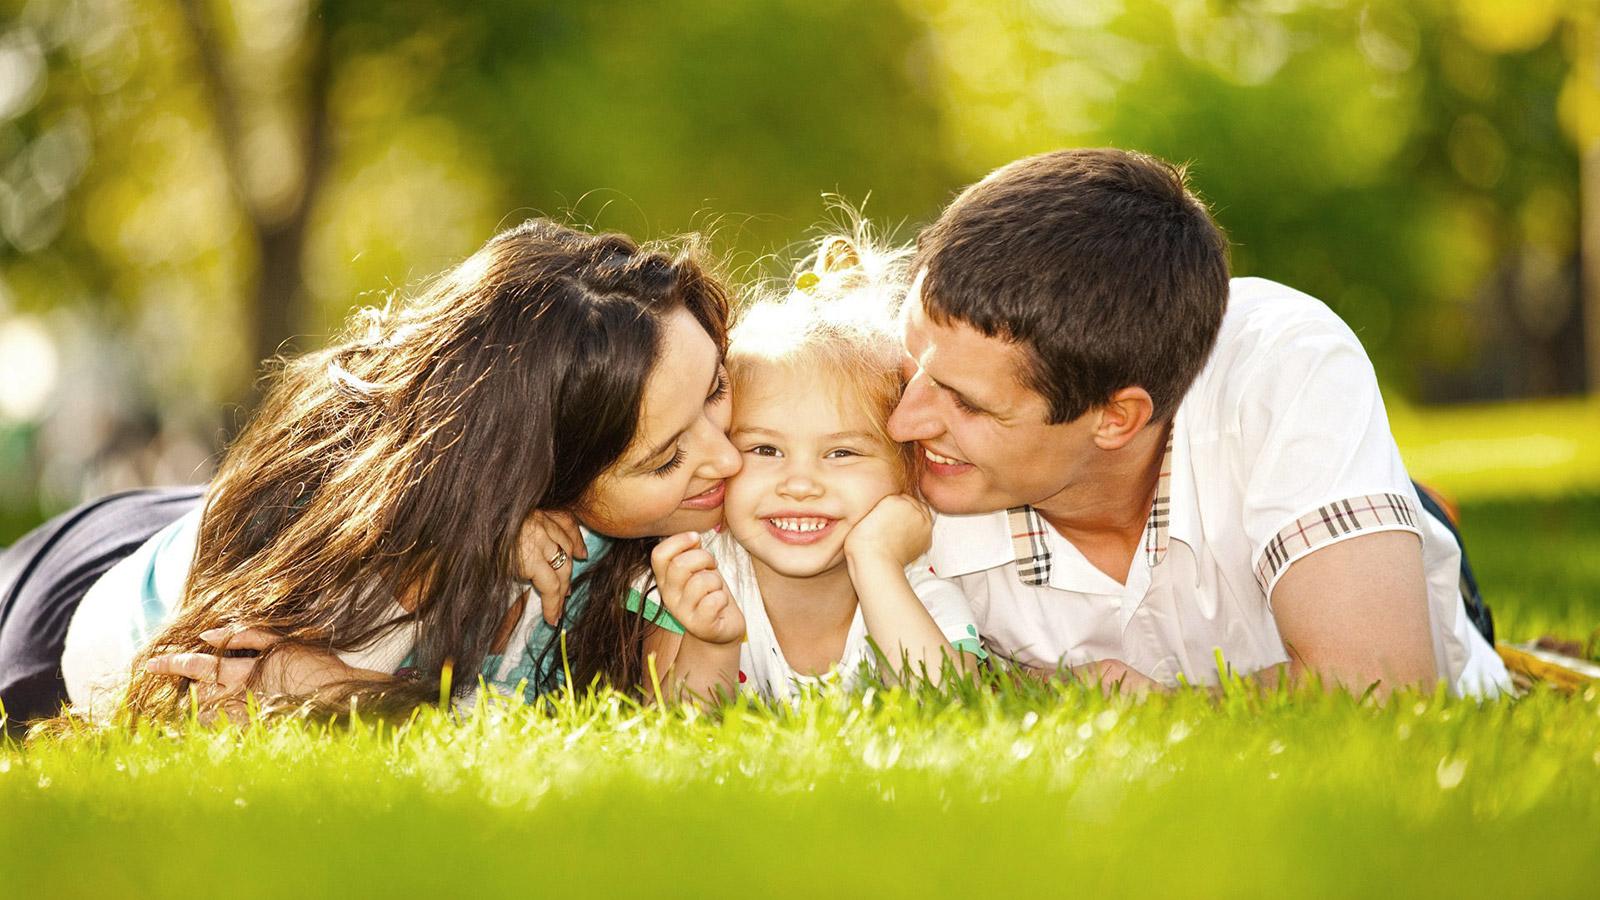 padres besando las mejillas de su hija acostados bocabajo sobre el cesped